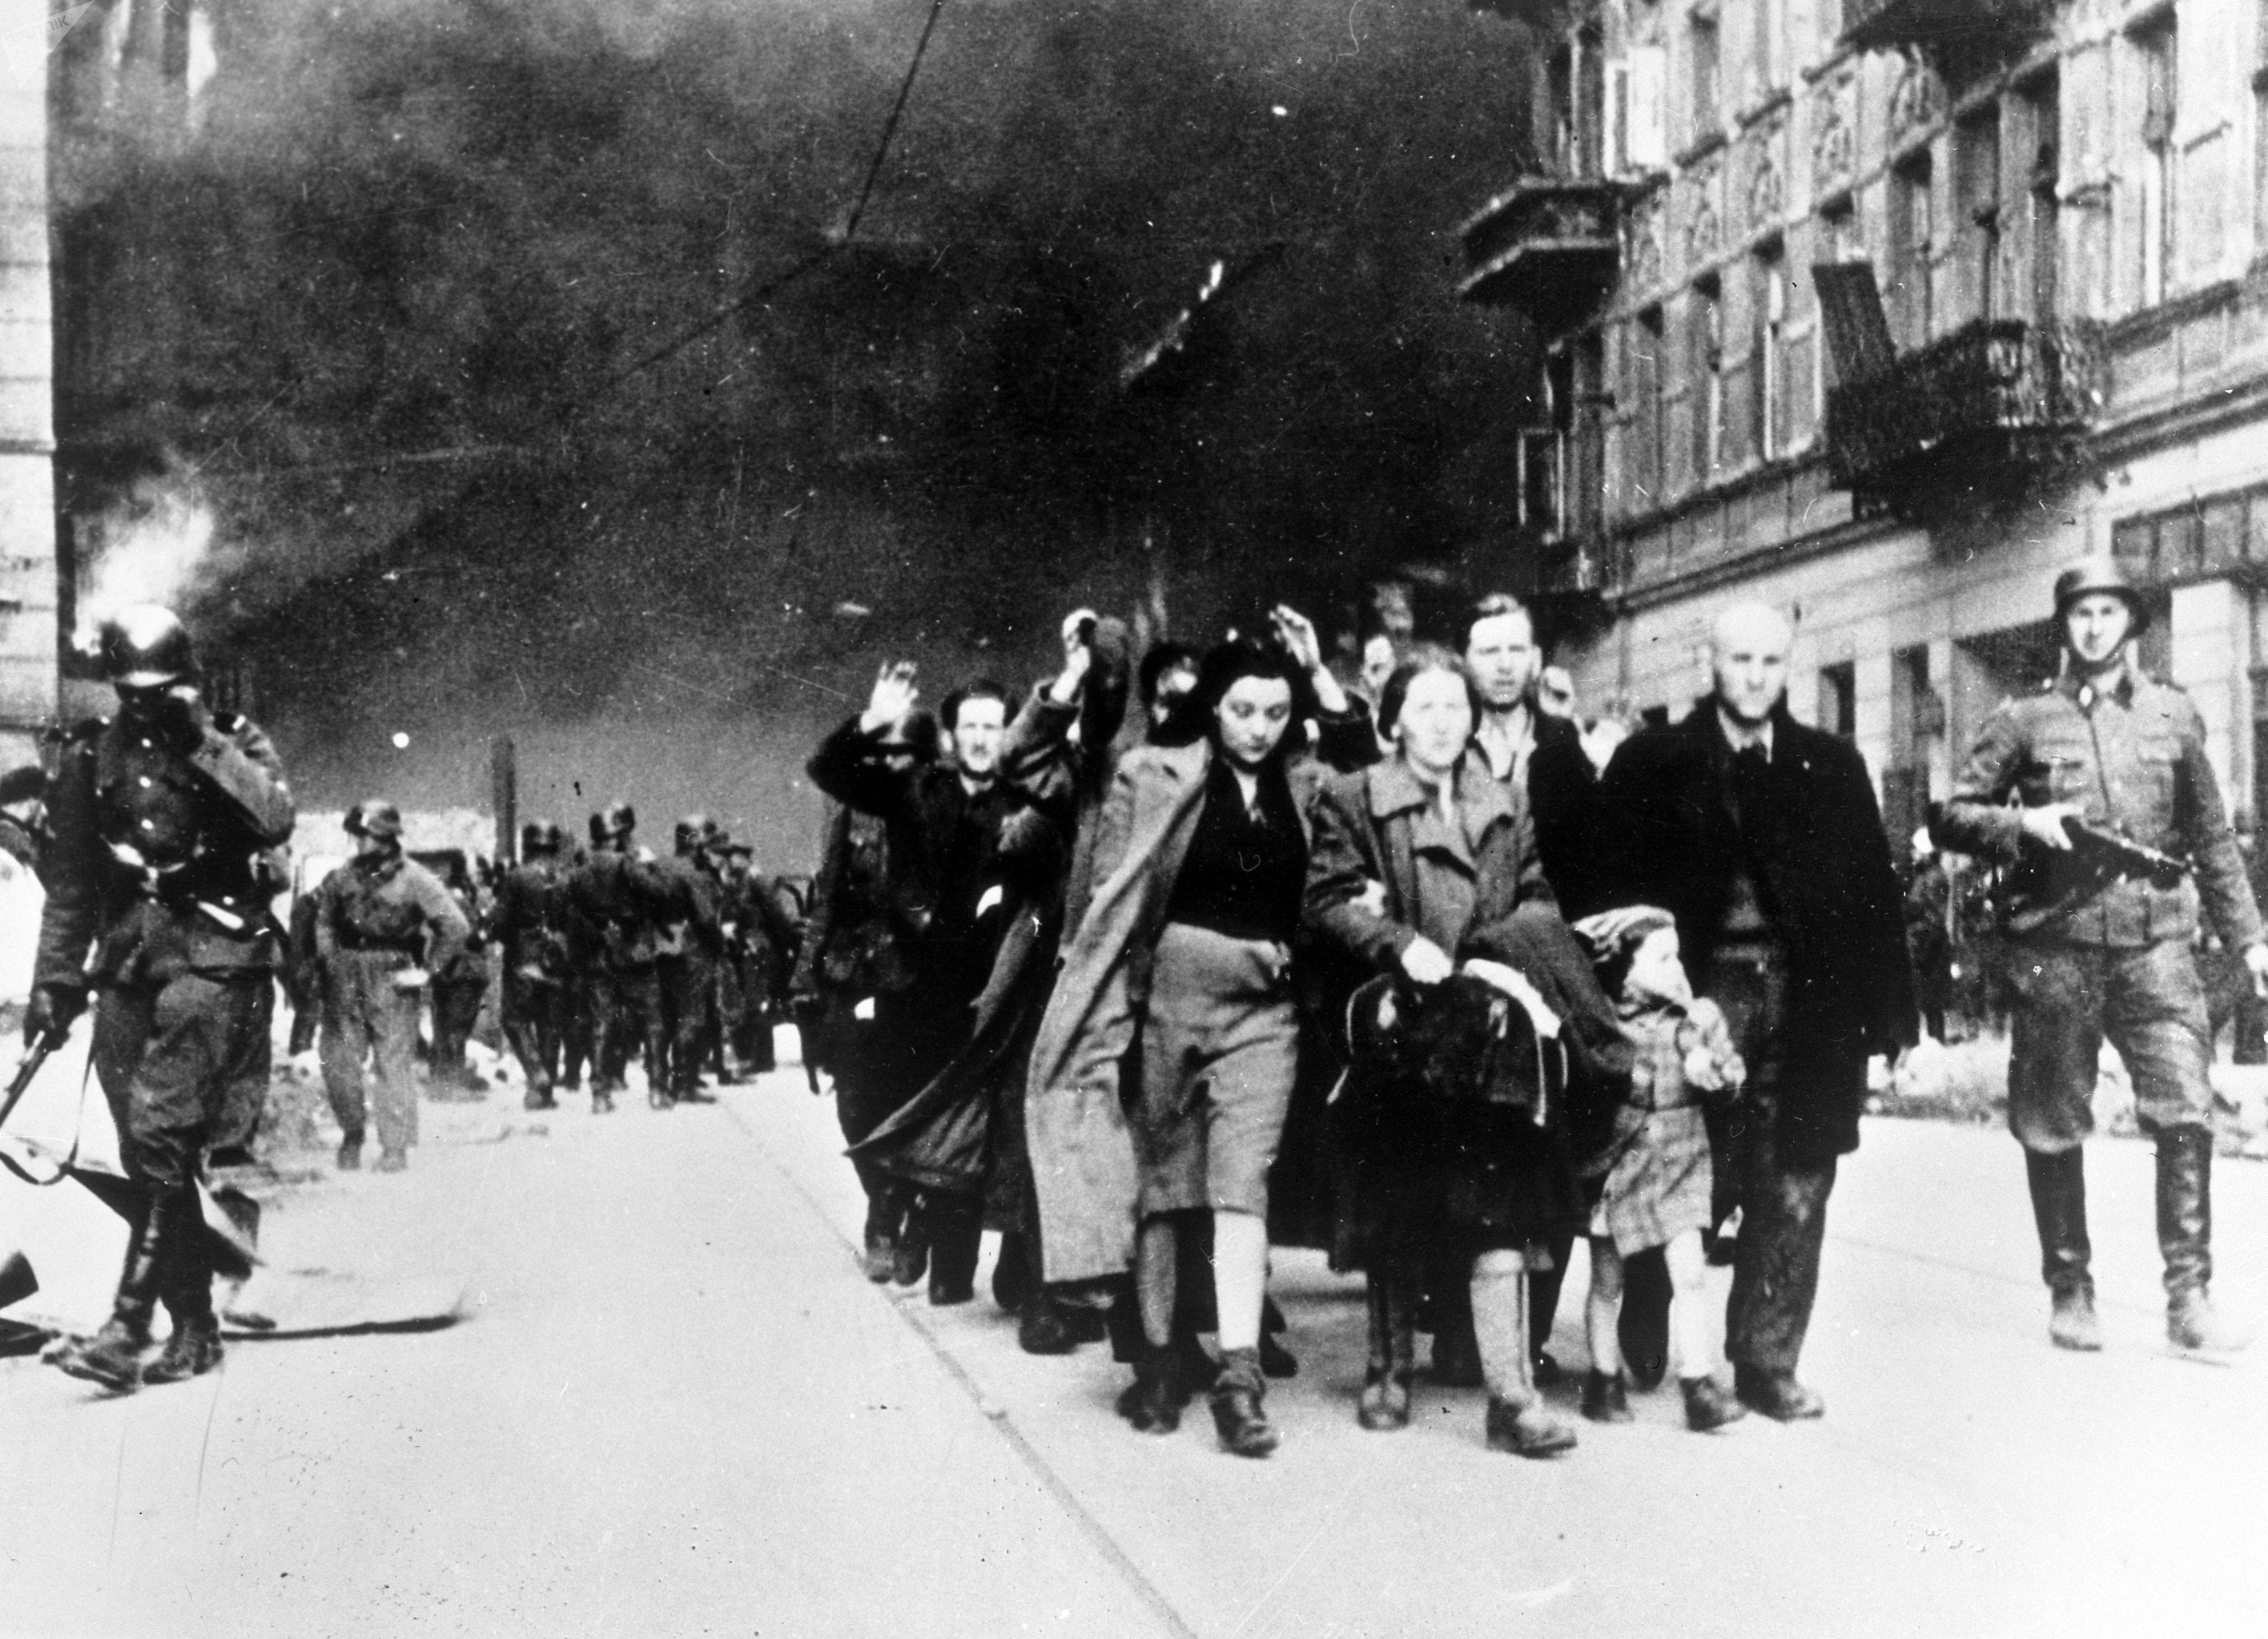 Los habitantes del gueto de Varsovia son enviados al campo de concentración de Treblinka, 1942